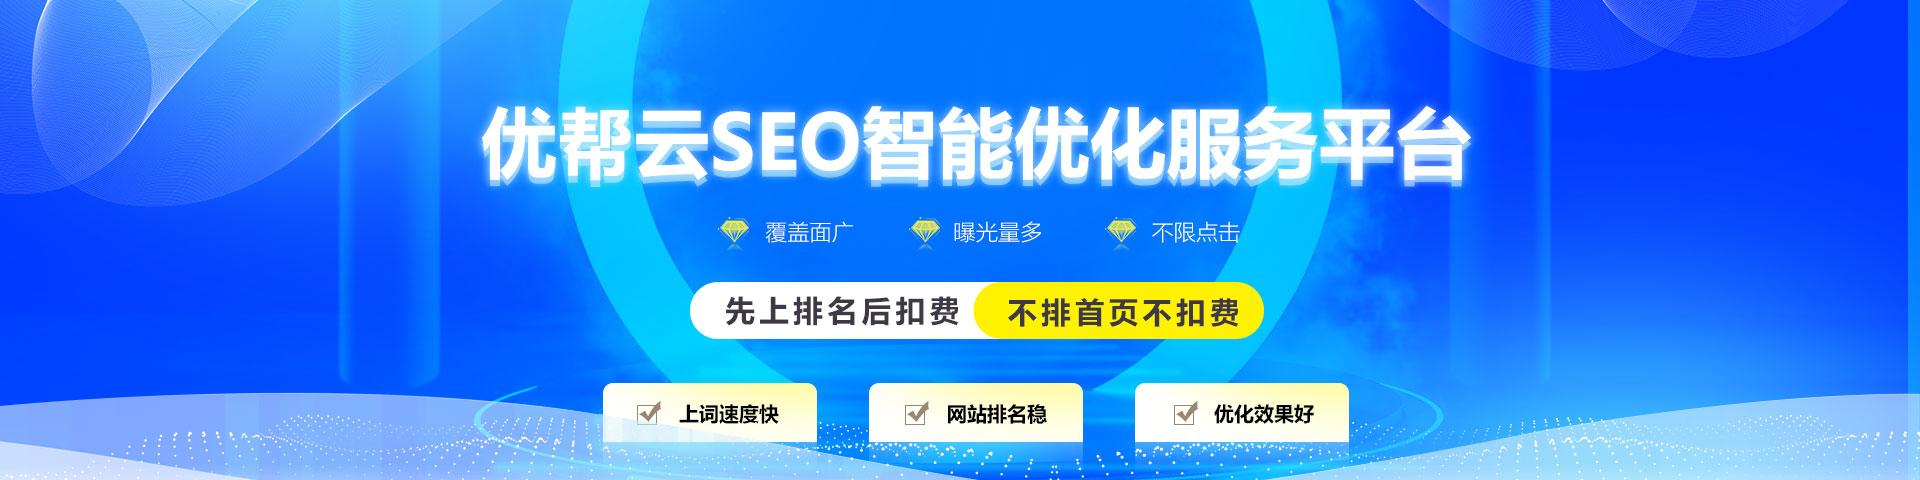 优帮云综合SEO平台,一站式数字营销,让您品牌营销更精彩。